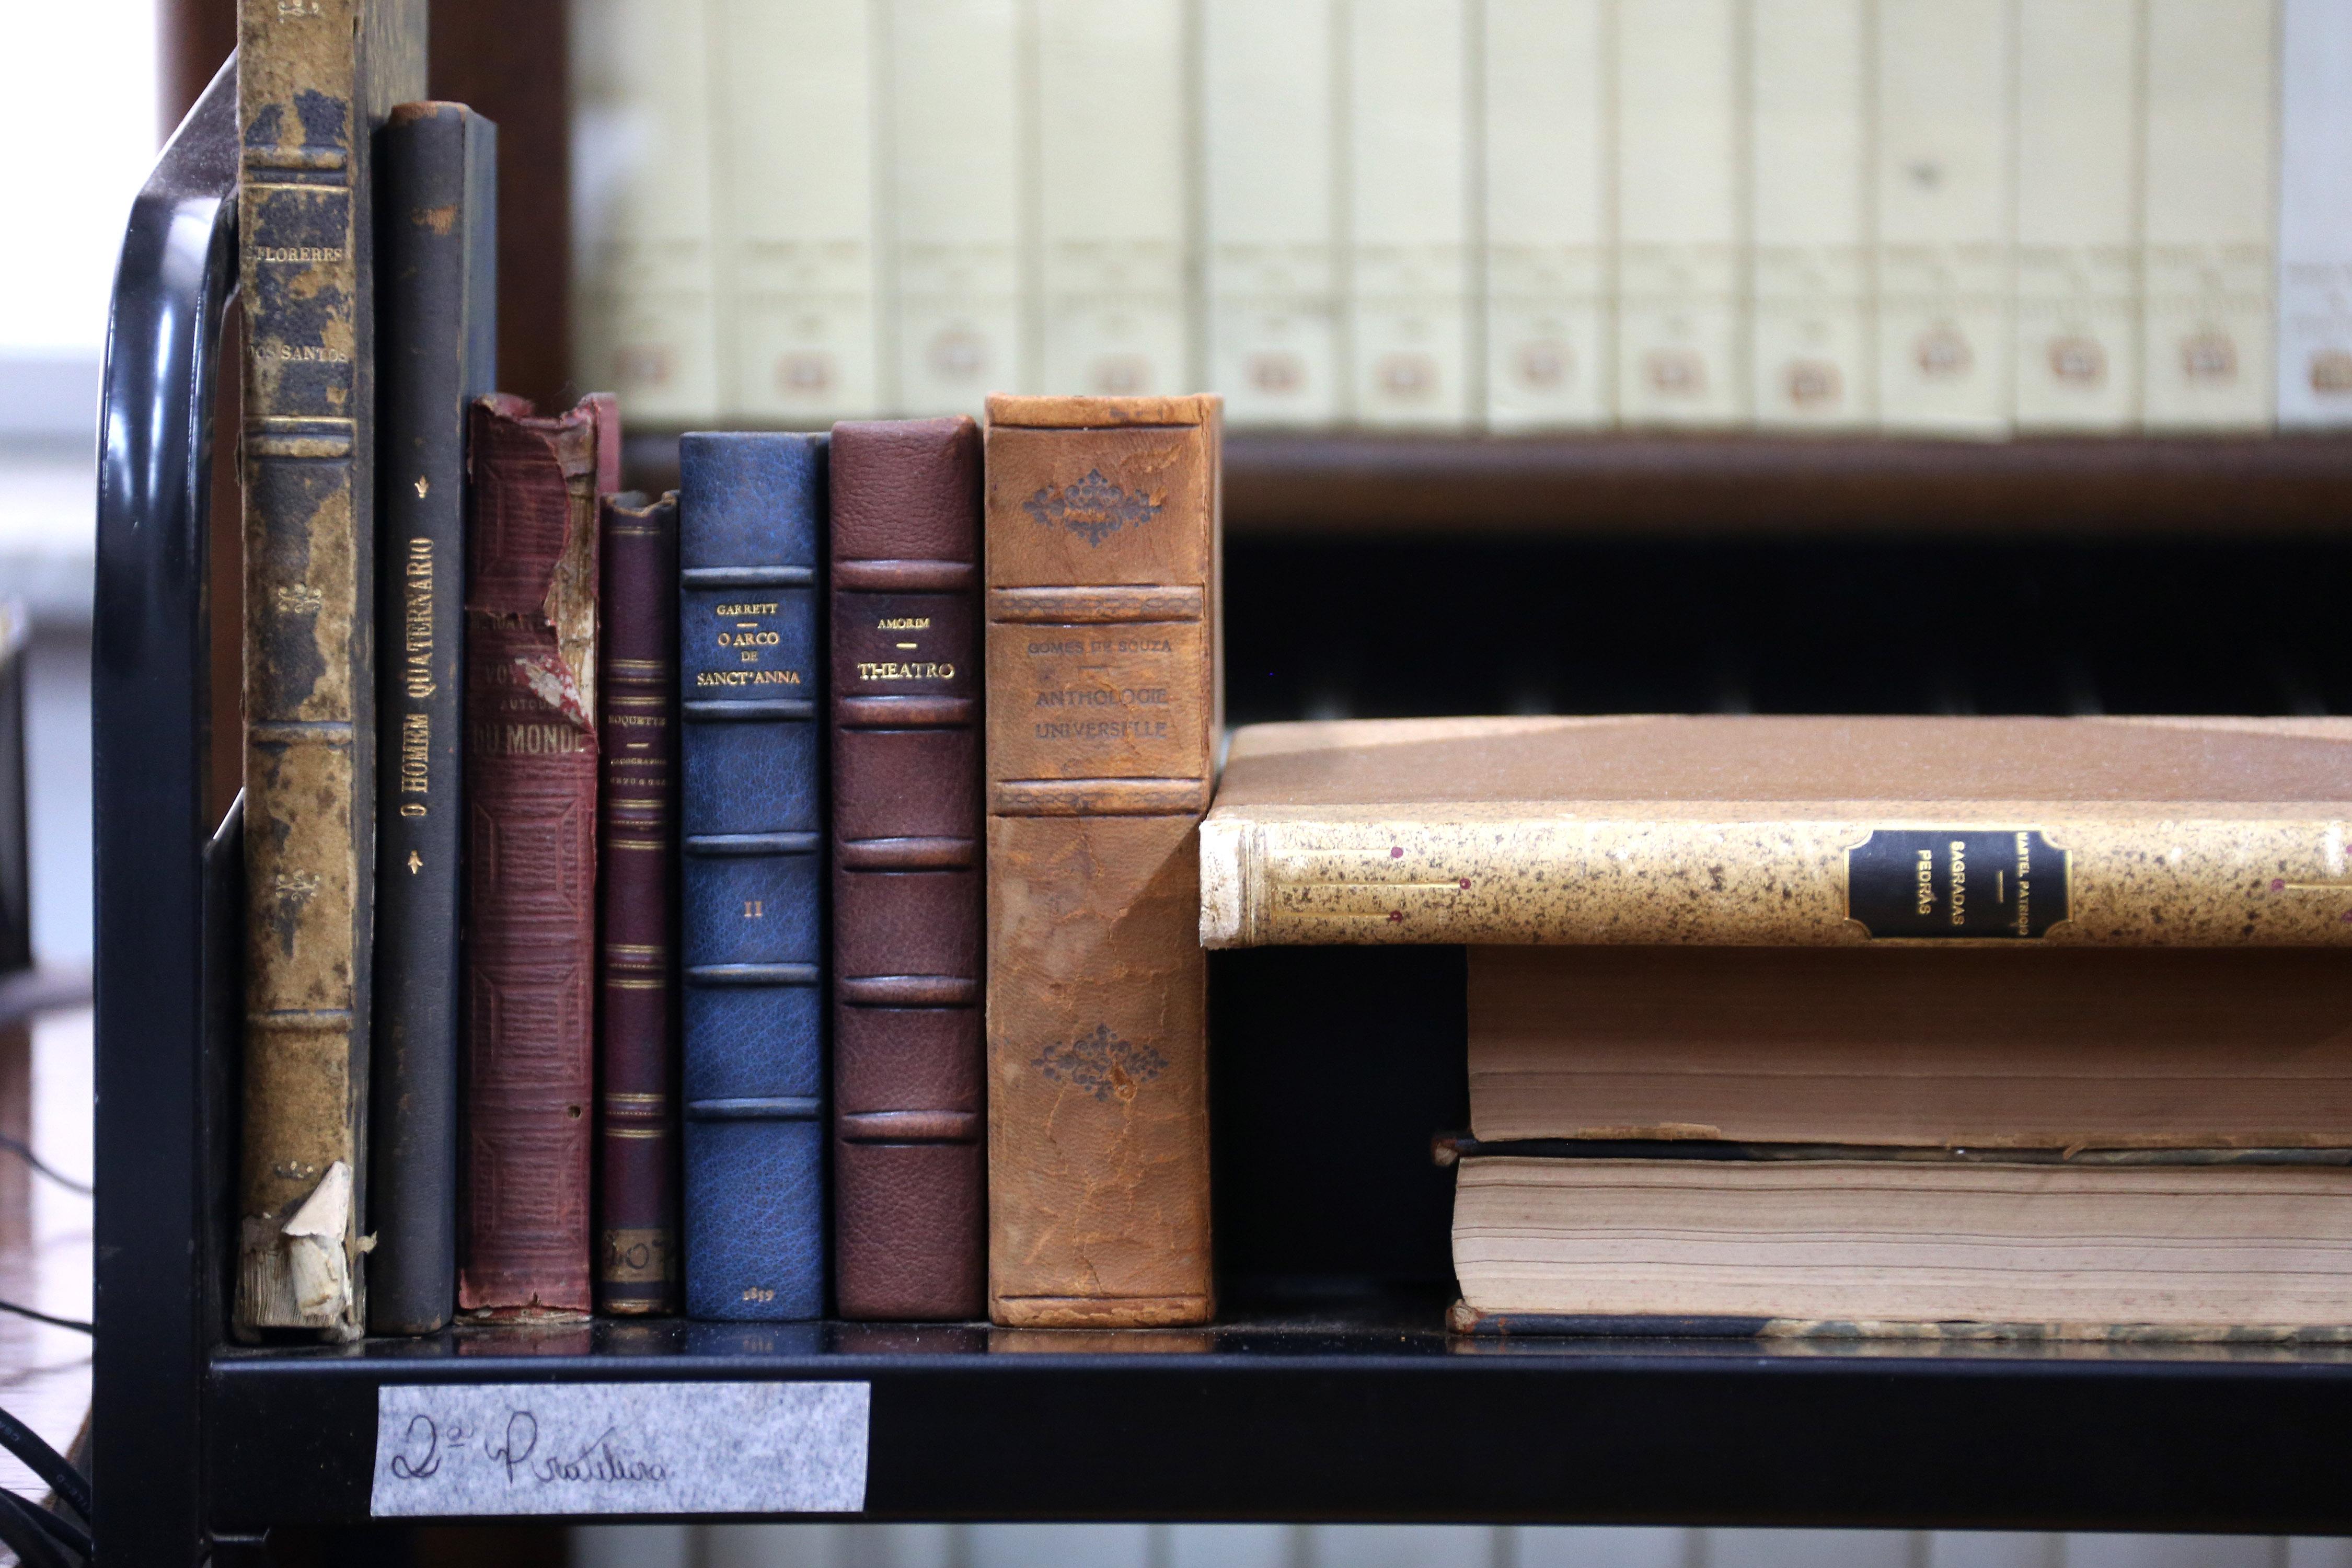 Acervo de livros raros na biblioteca Mario de Andrade.foto Cecília  #836048 4500x3000